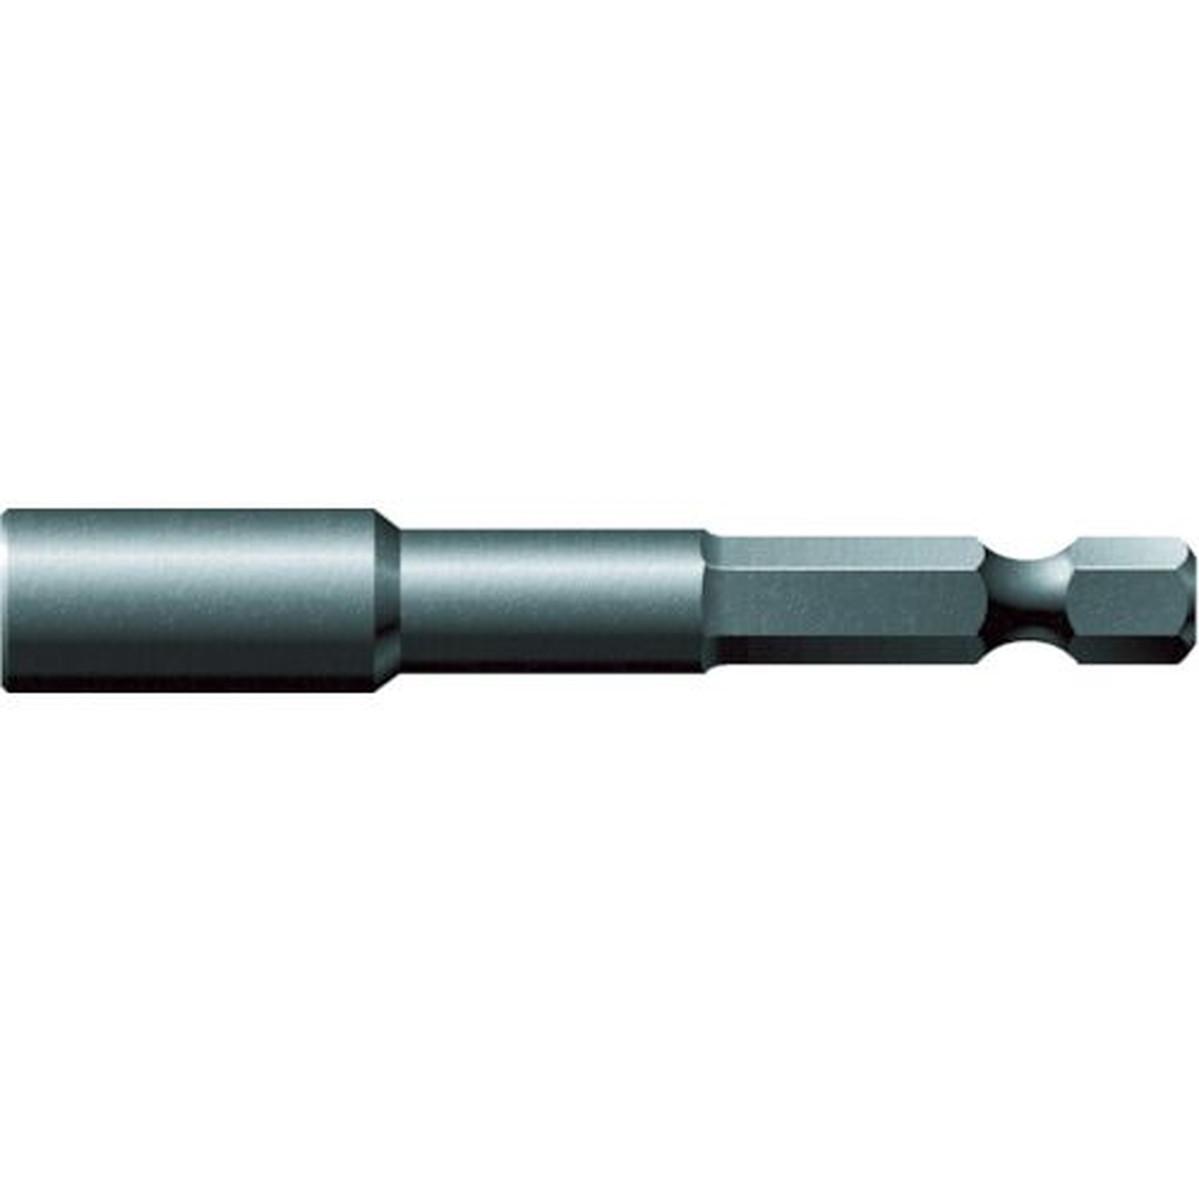 あす楽対応 DIY用品 Wera 869 4MSB ナットセッター 6.0 1本 ショップ ブリスター 現品